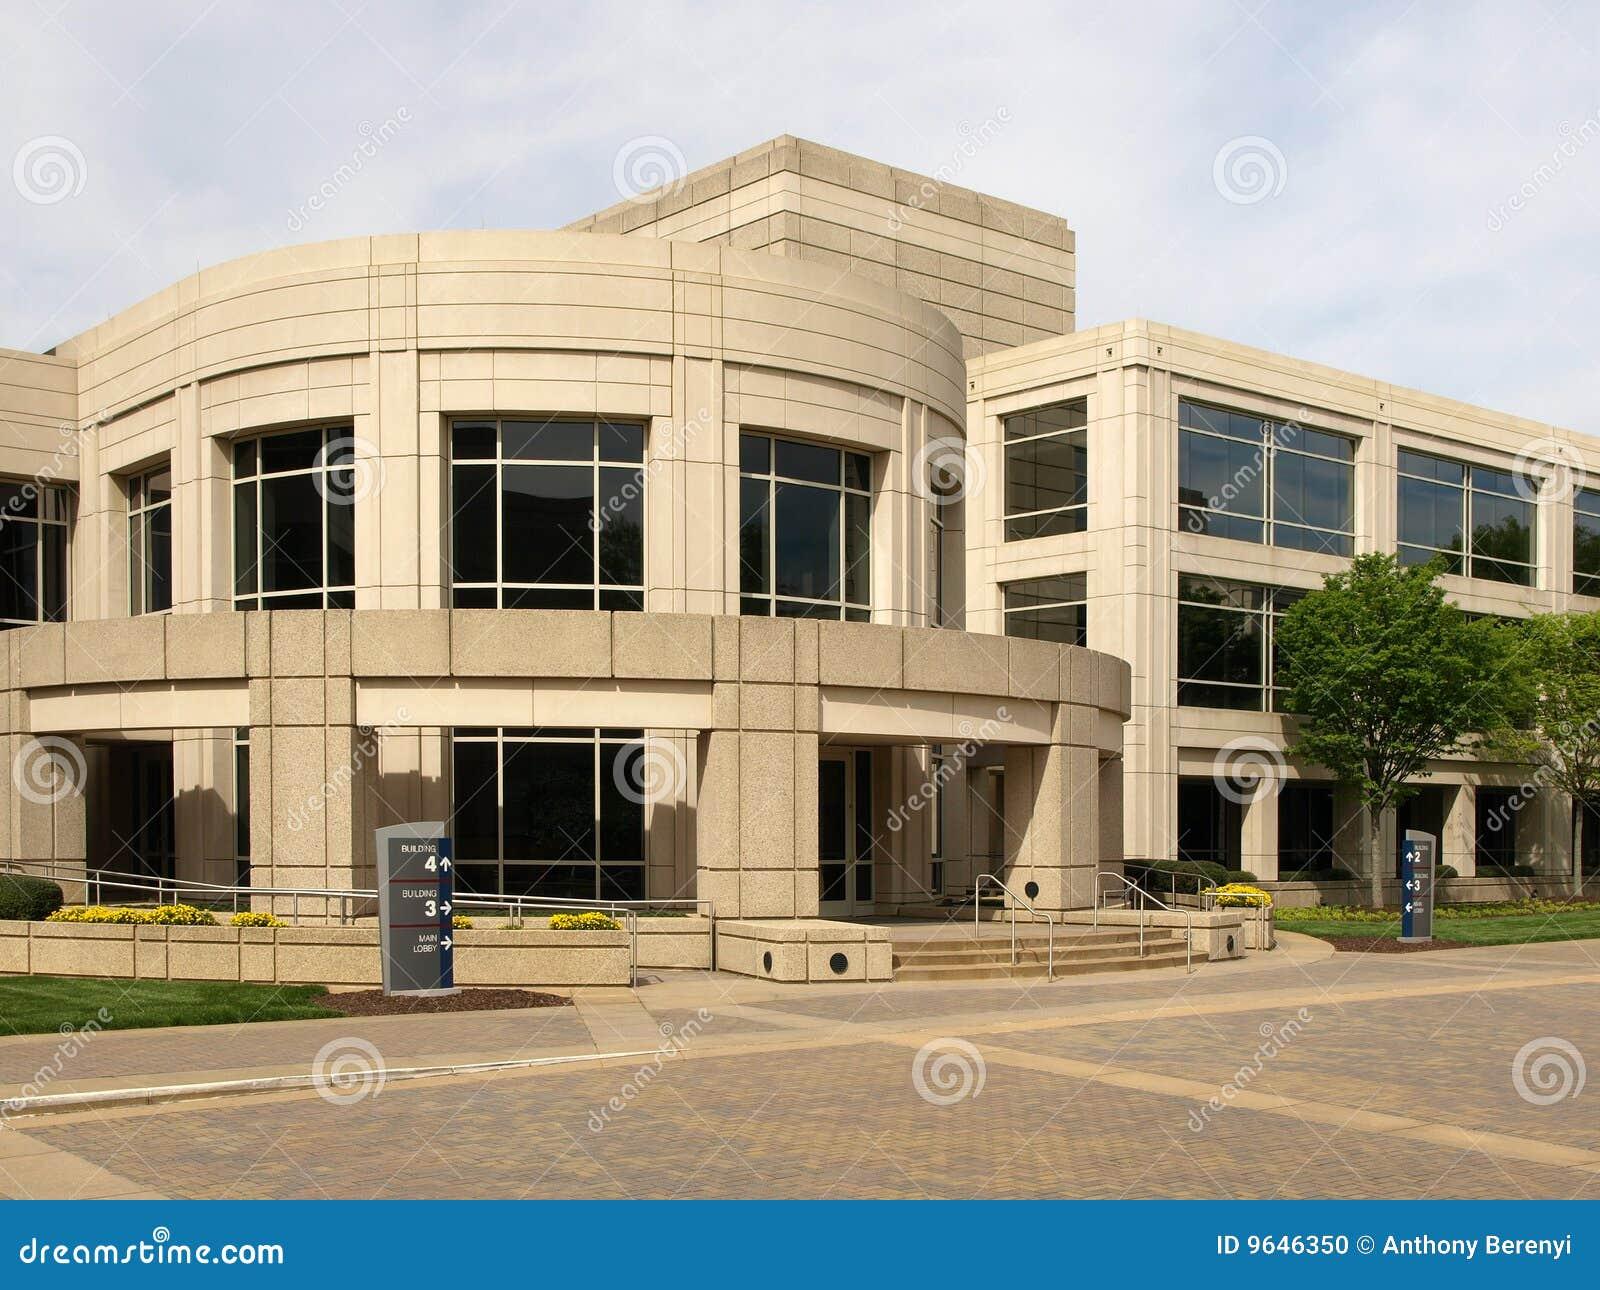 Immeuble de bureaux contemporain arrondi photo stock for Immeuble bureau plan